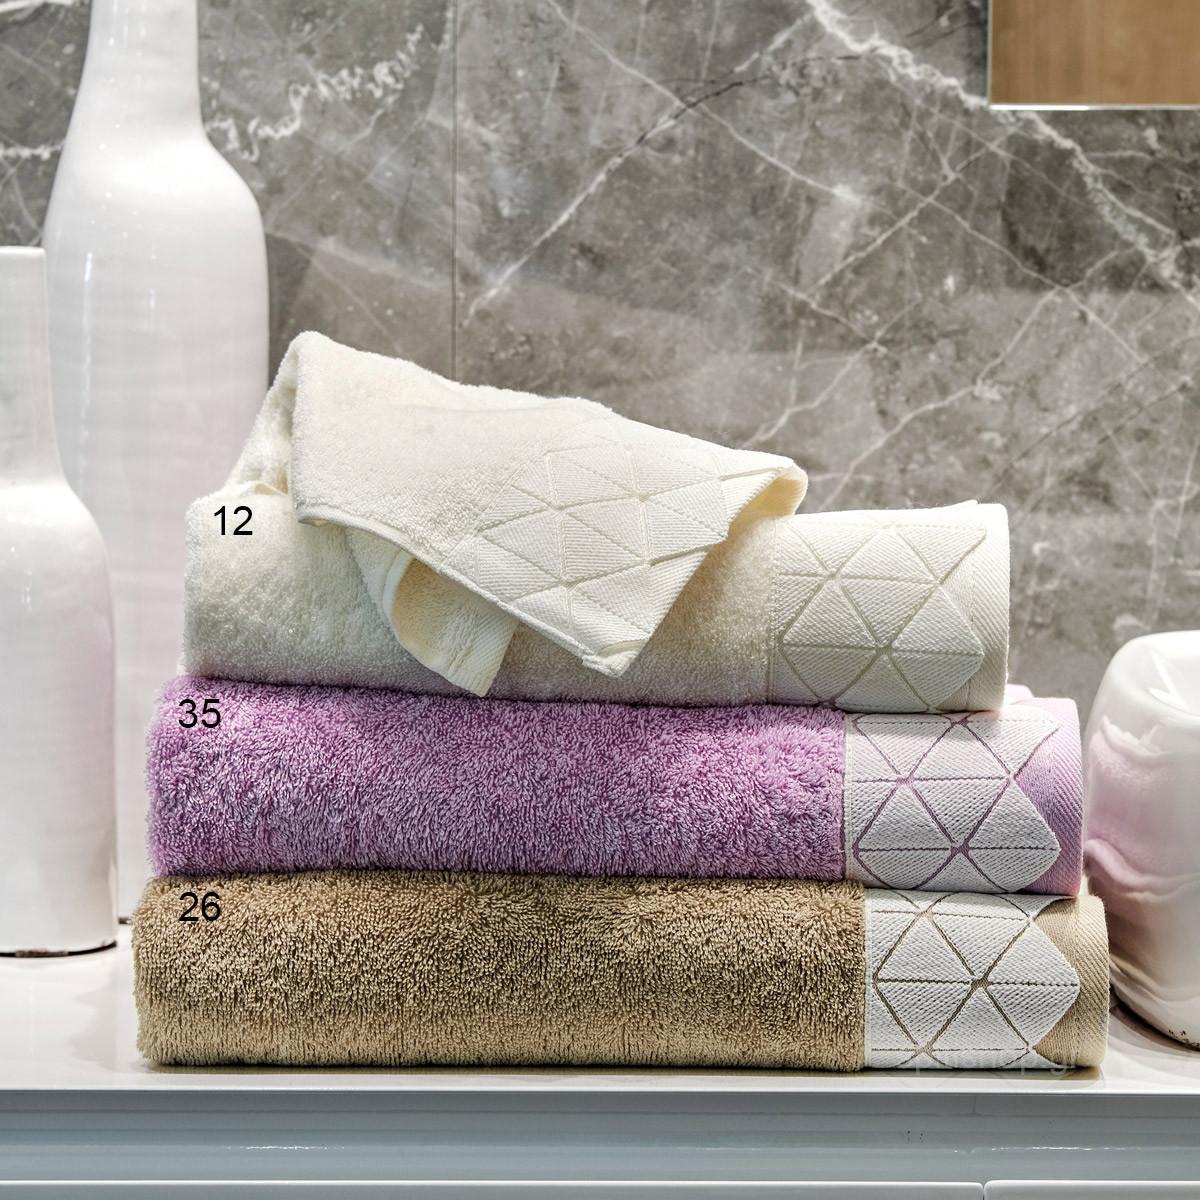 Πετσέτες Μπάνιου (Σετ 3τμχ) Kentia Bath Quest home   μπάνιο   πετσέτες μπάνιου